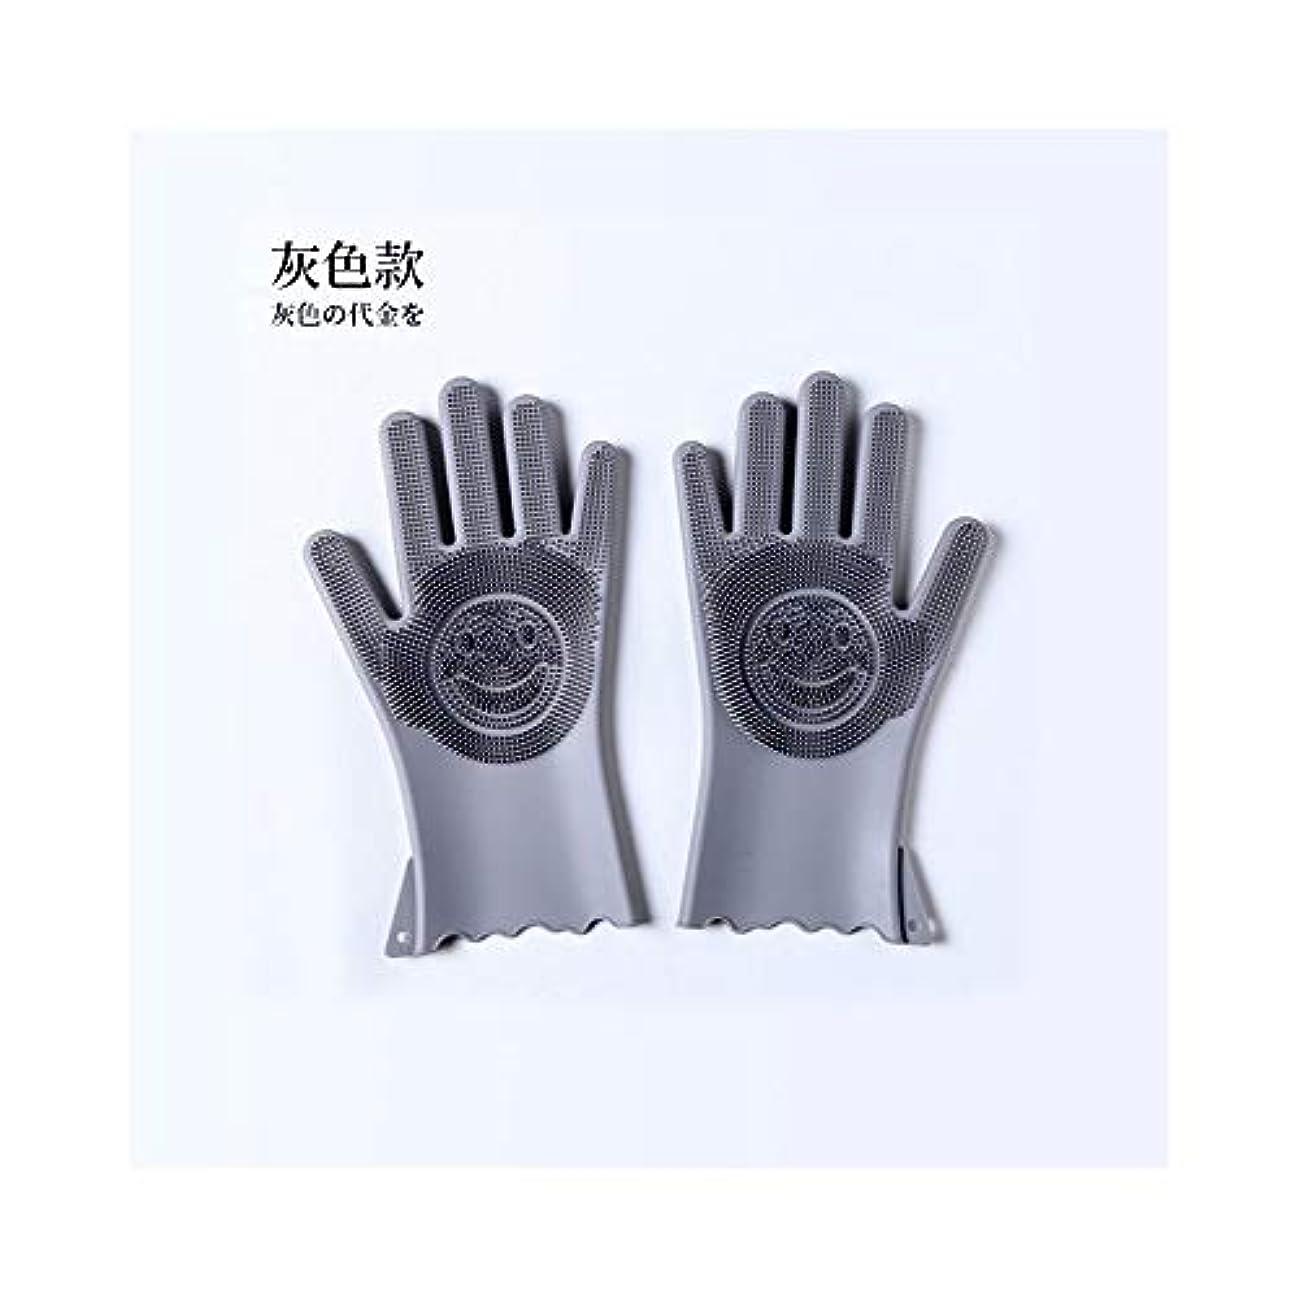 どこにも予定メニューニトリルゴム手袋 作業用手袋防水厚くて丈夫なシリコーン多機能キッチン家庭用手袋 使い捨て手袋 (Color : Gray, Size : M)